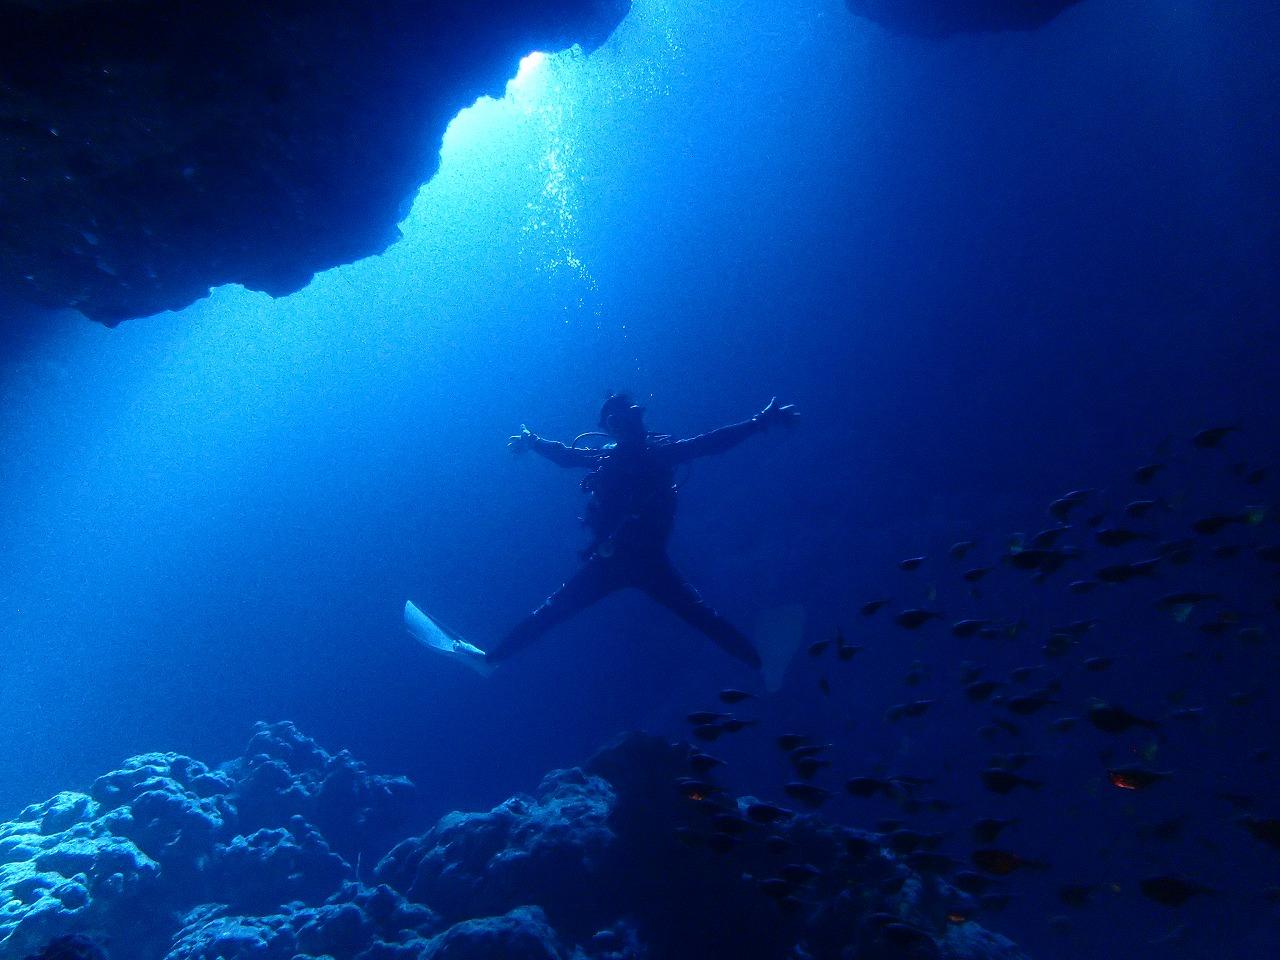 ダイビングって楽しい